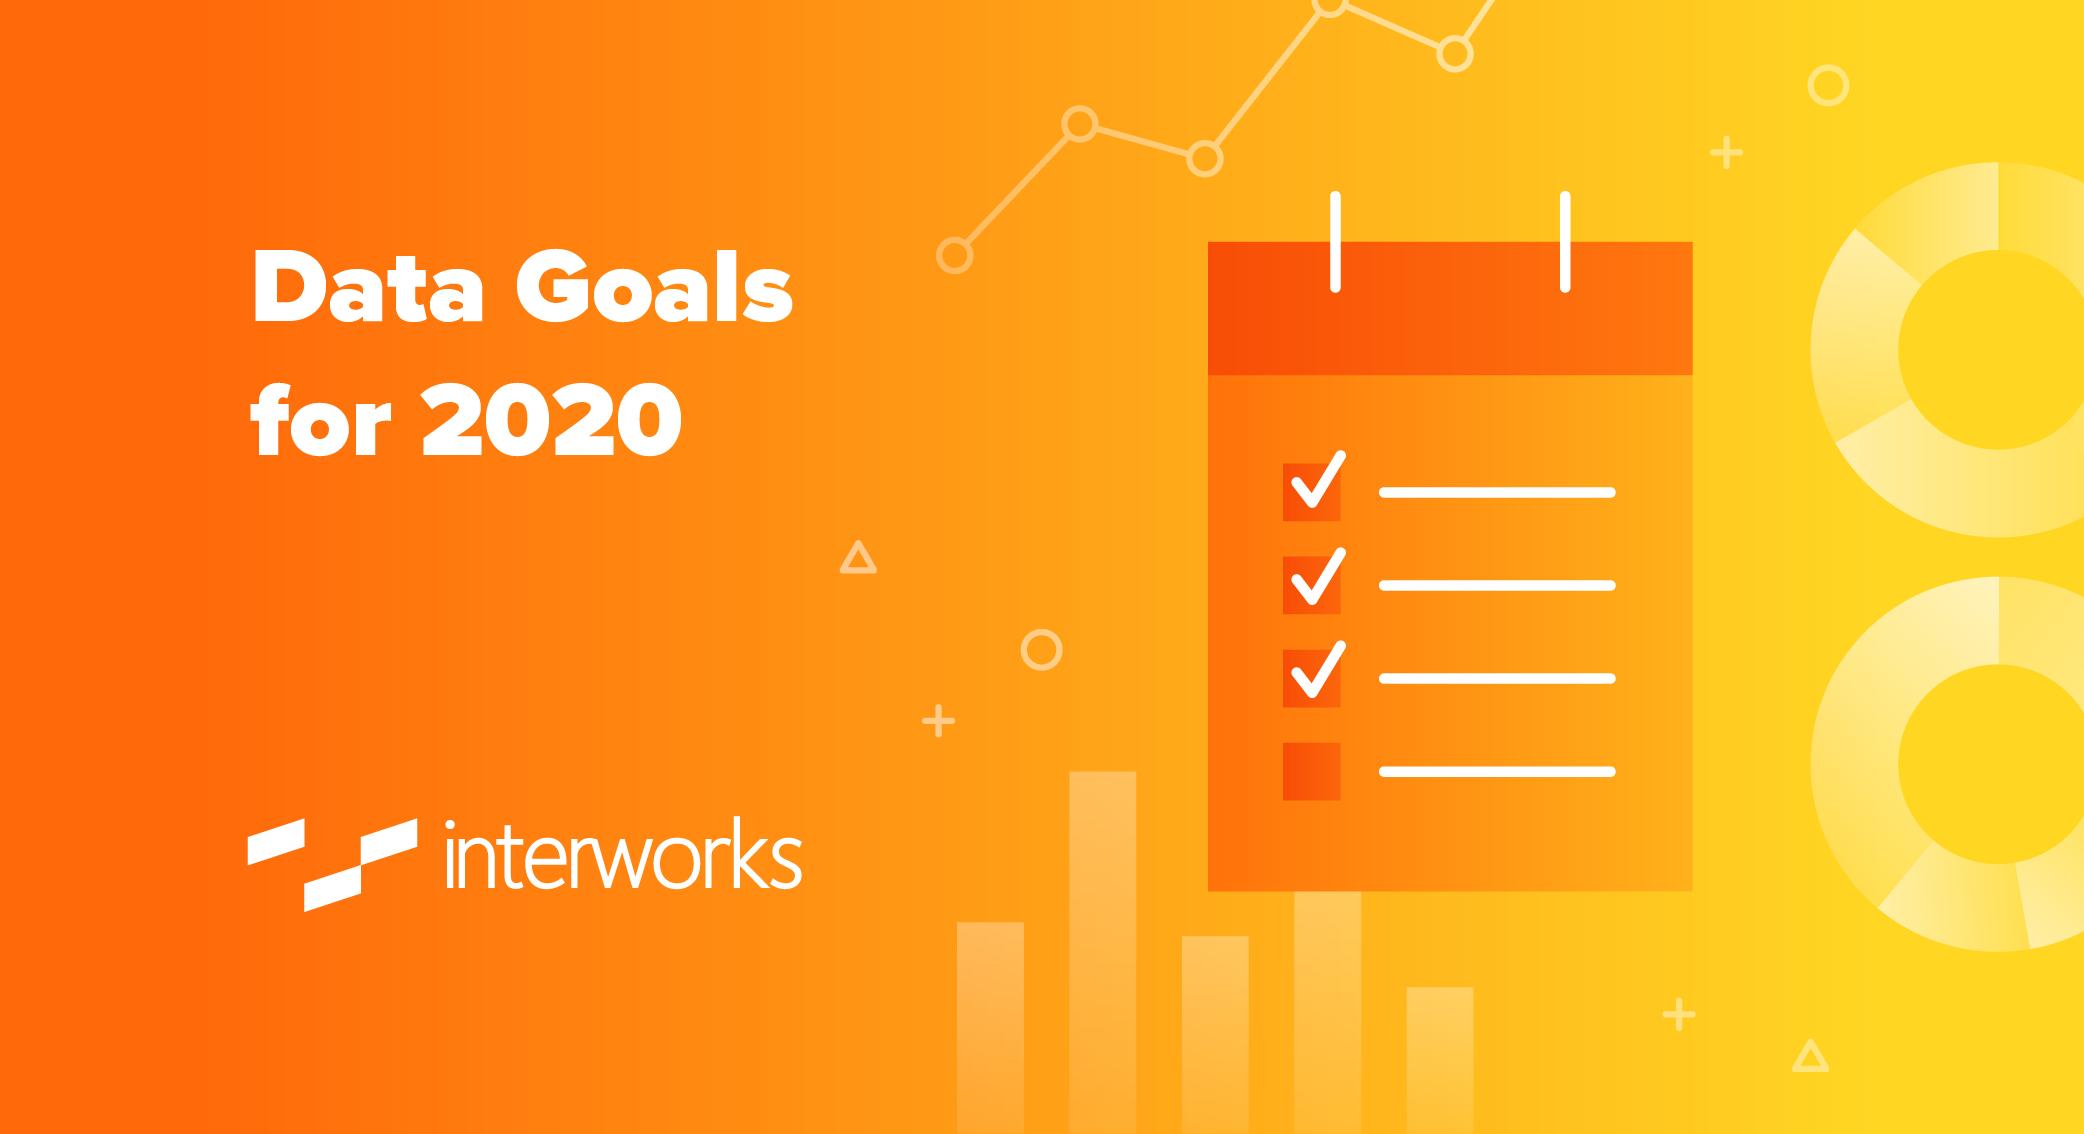 Data Goals for 2020